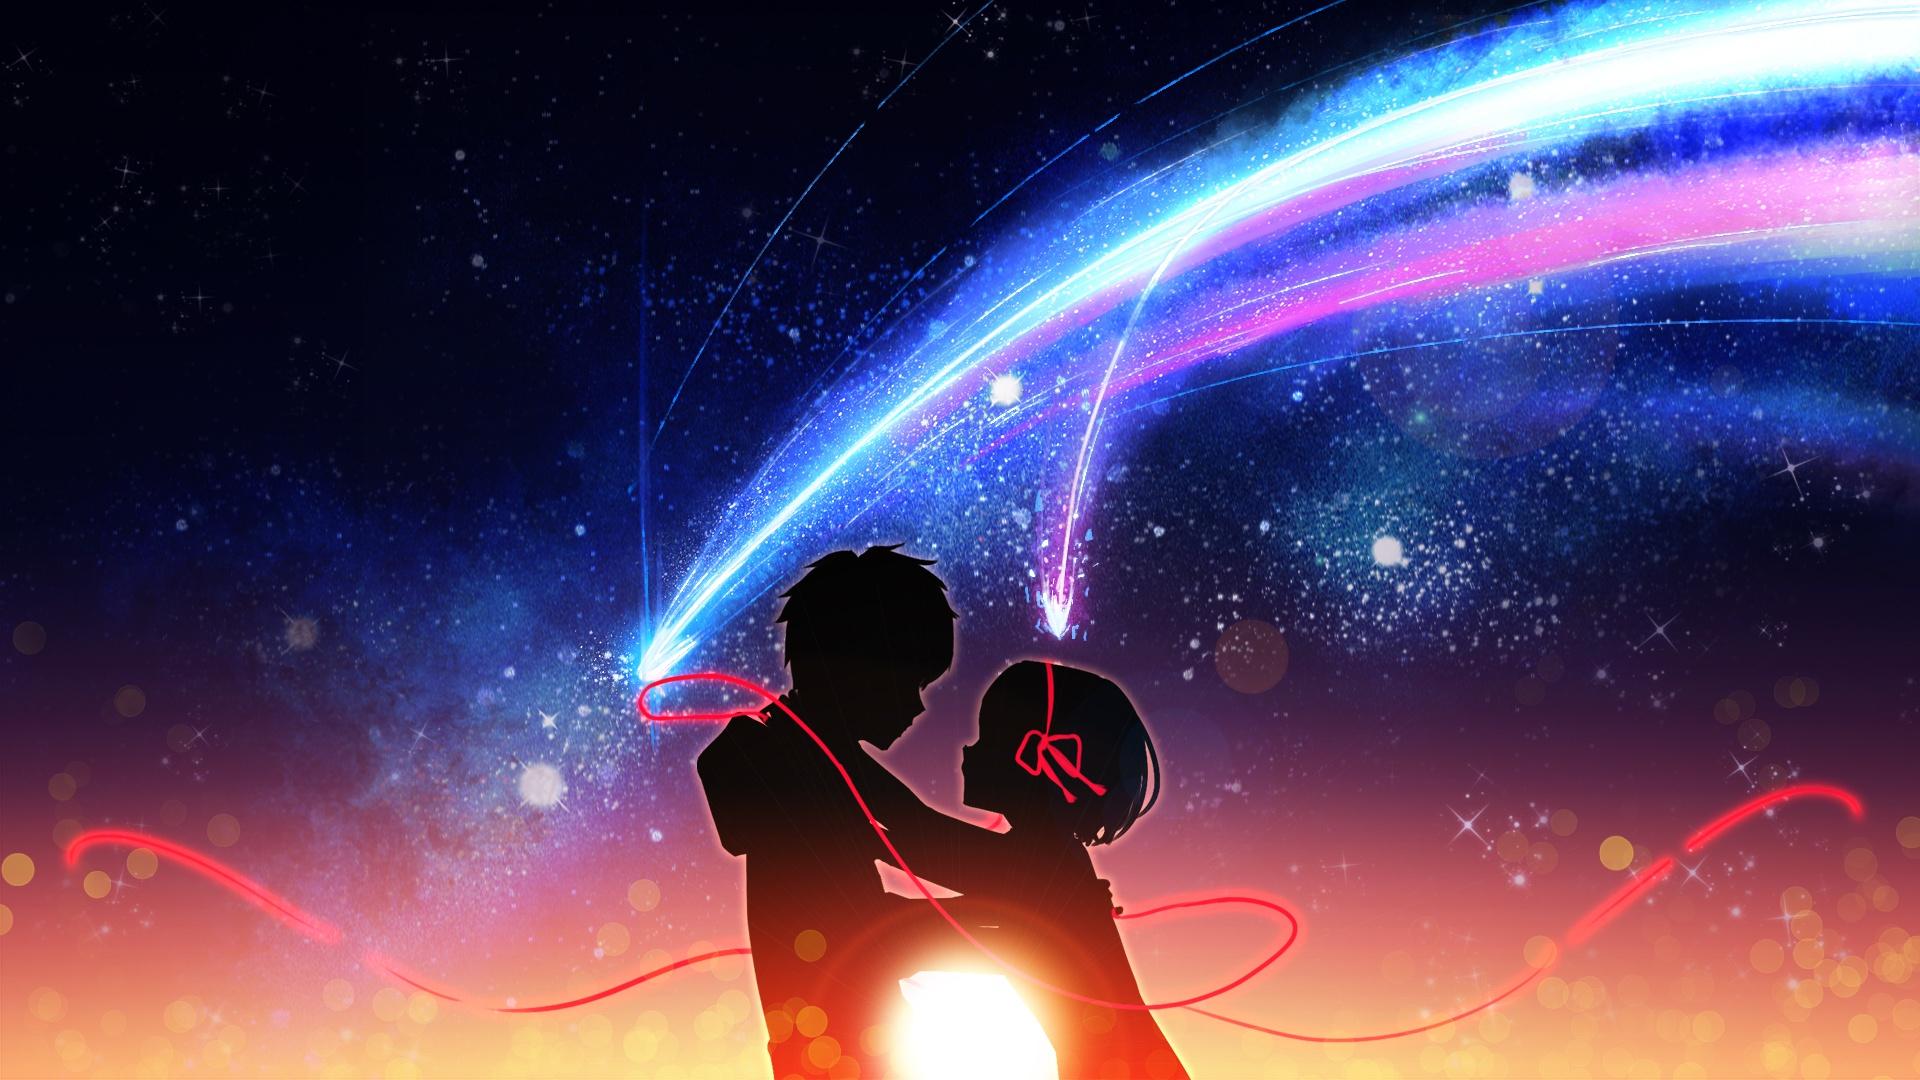 Обои на телефон любовь аниме